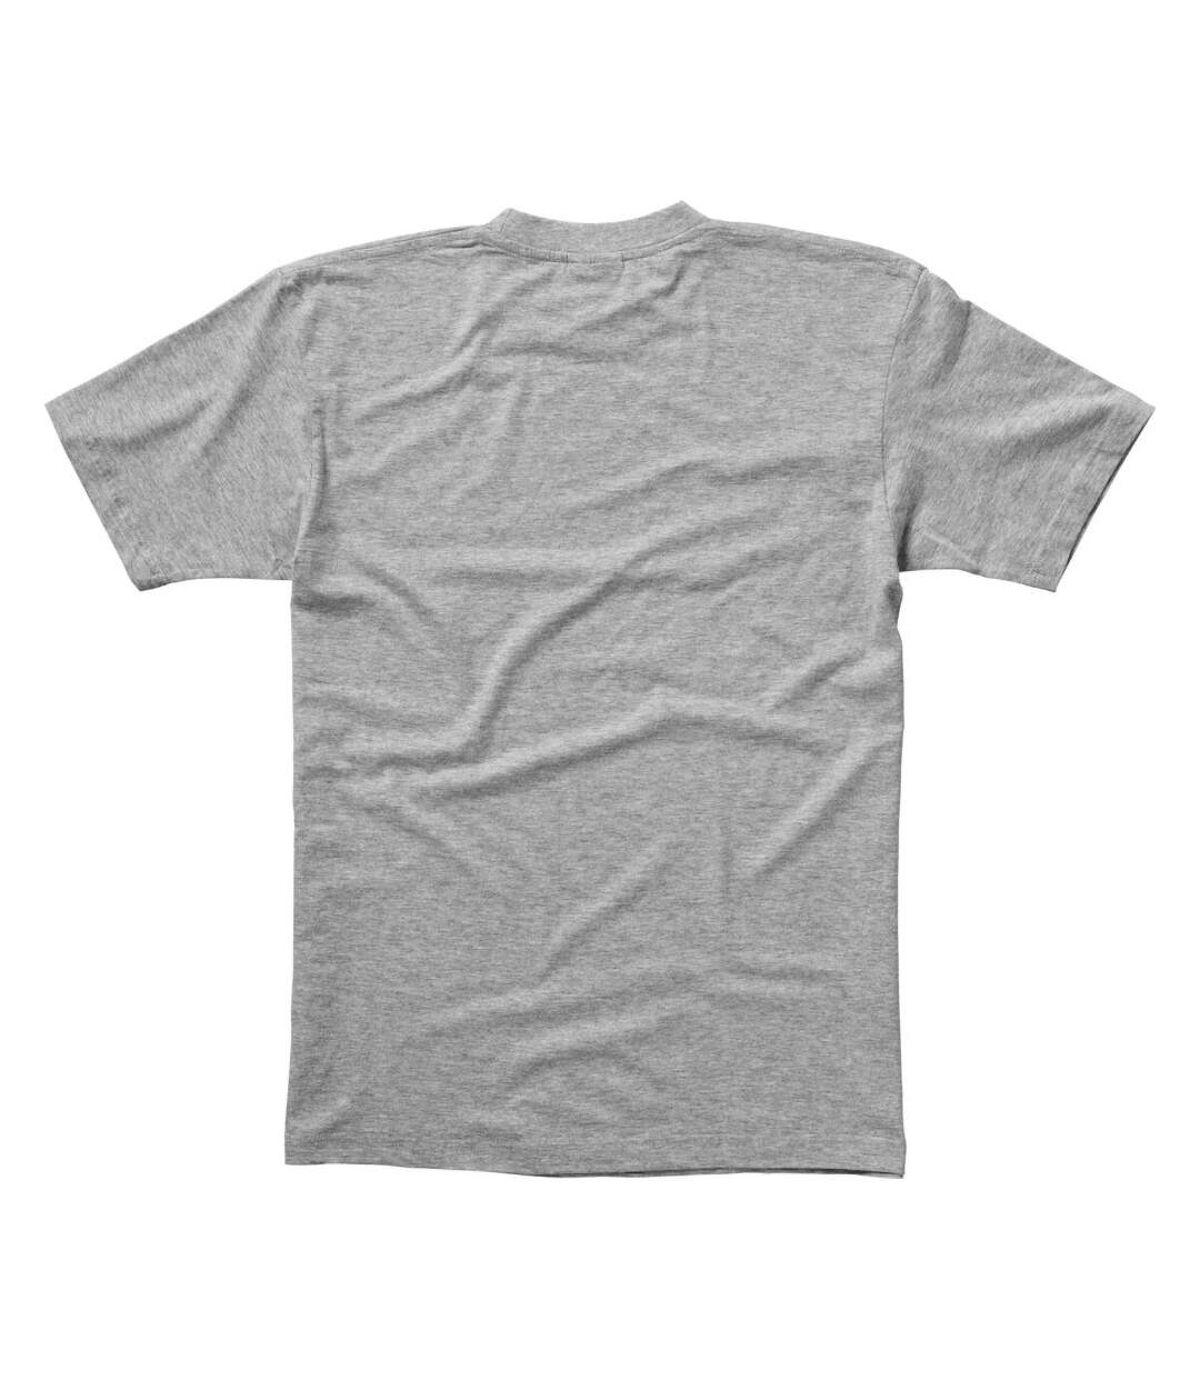 Slazenger Mens Ace Short Sleeve T-Shirt (Aqua) - UTPF1802